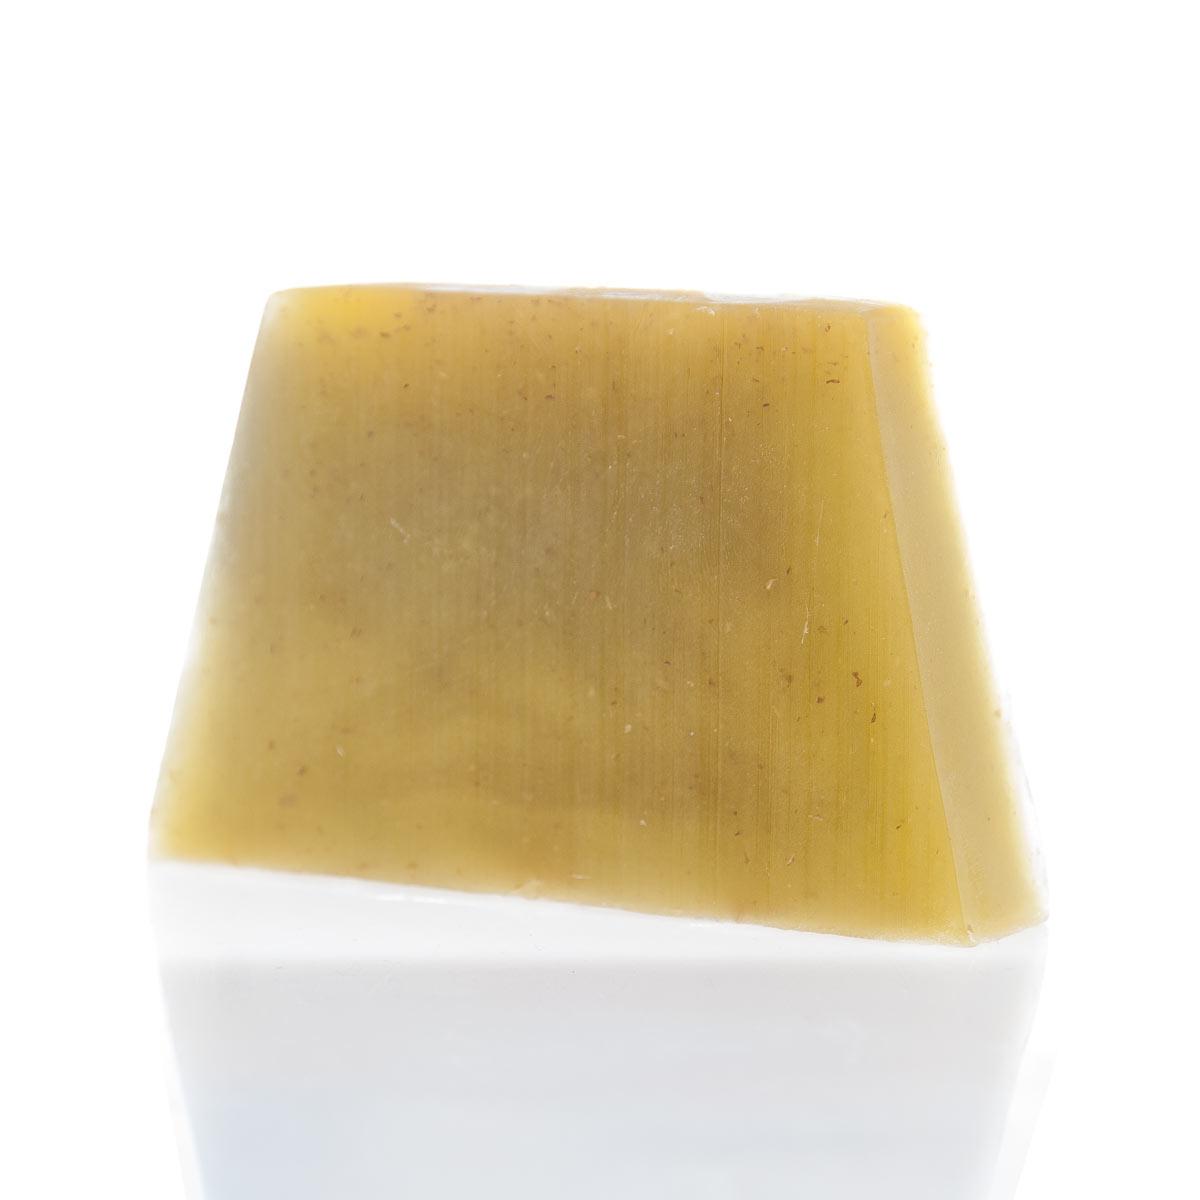 Σαπούνι με ζεόλιθο MED®, λεμόνι και λουίζα – Κατά της λιπαρότητας της επιδερμίδας και των μαλλιών. Με αντισηπτική και τονωτική δράση